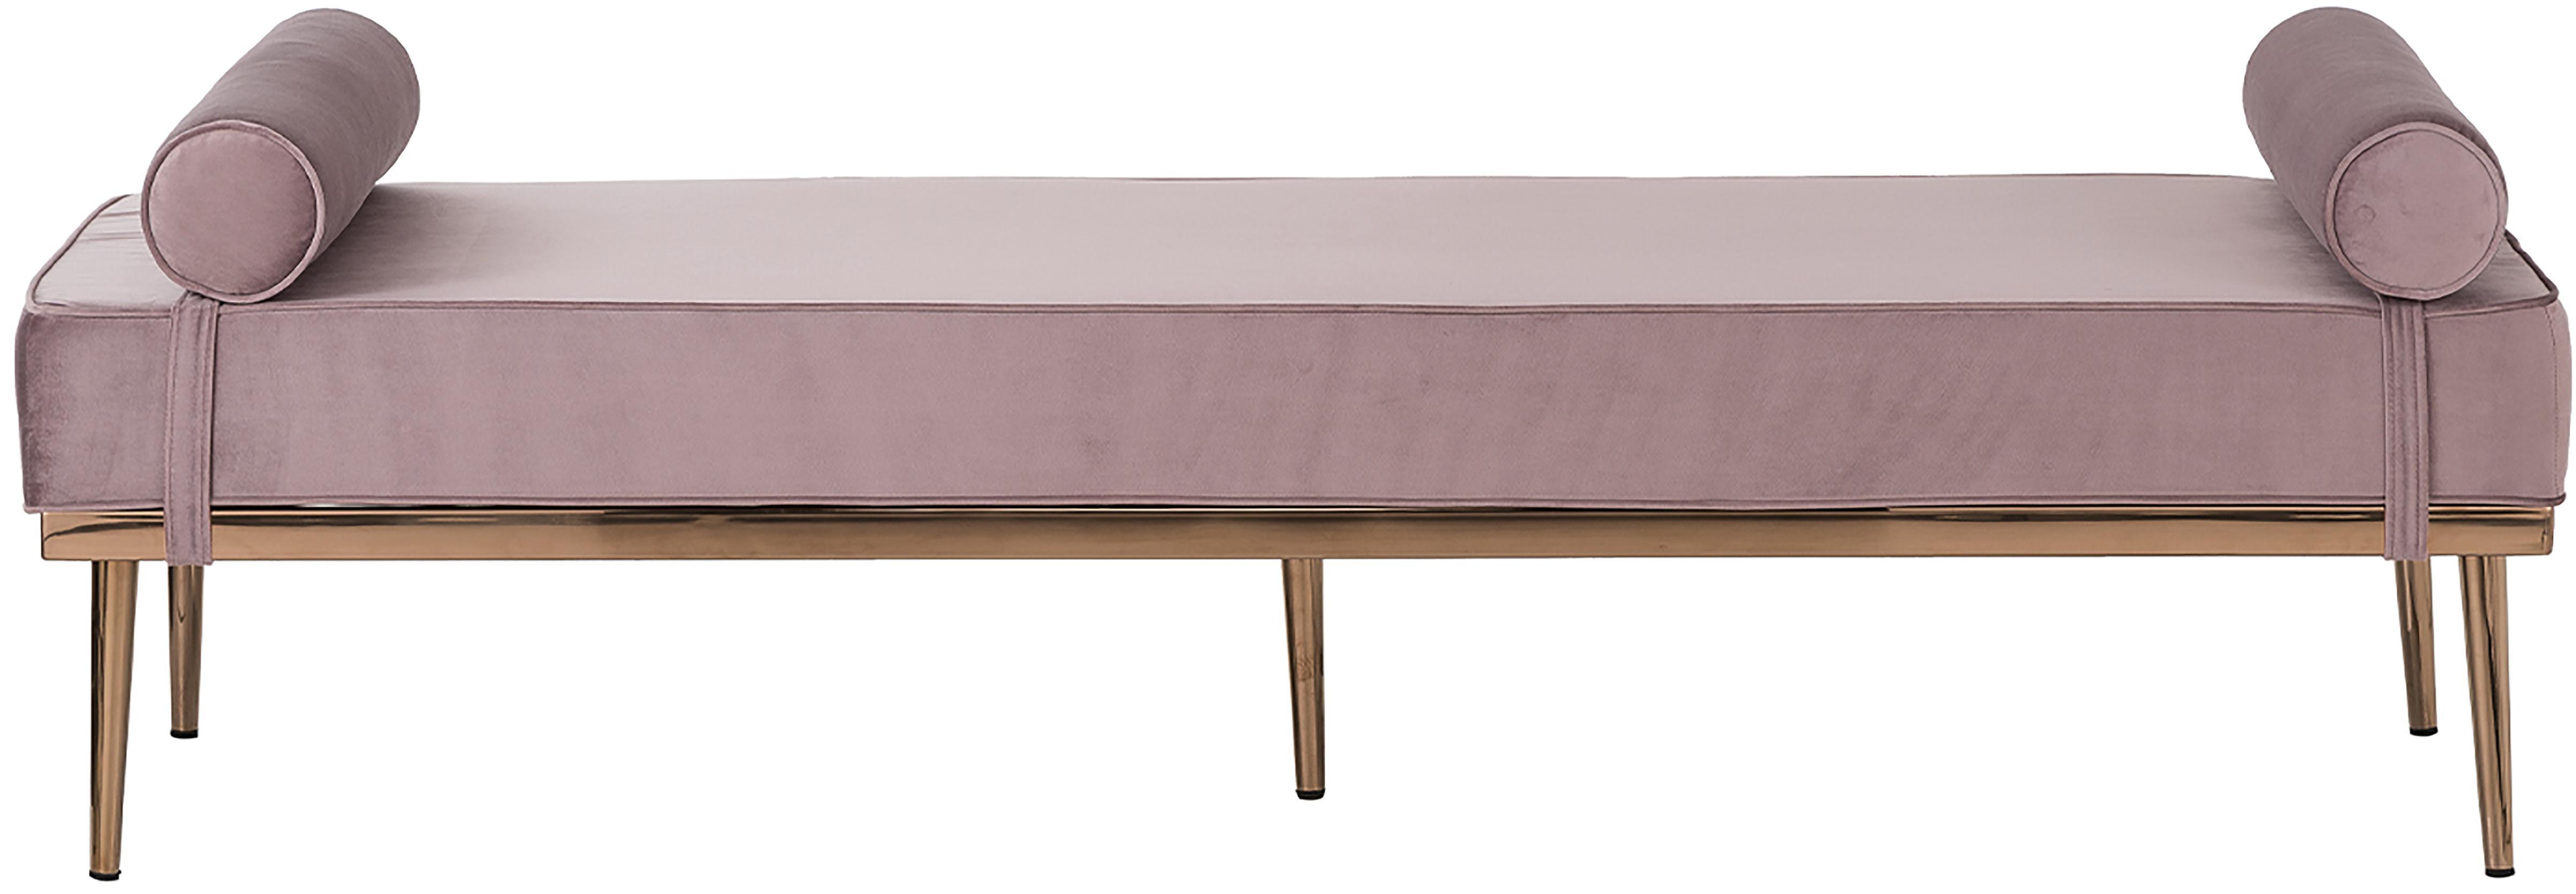 Łóżko dzienne z aksamitu Aurora, Tapicerka: aksamit (wysokiej jakości, Nogi: metal powlekany, Aksamitny mauve, S 180 x W 42 cm